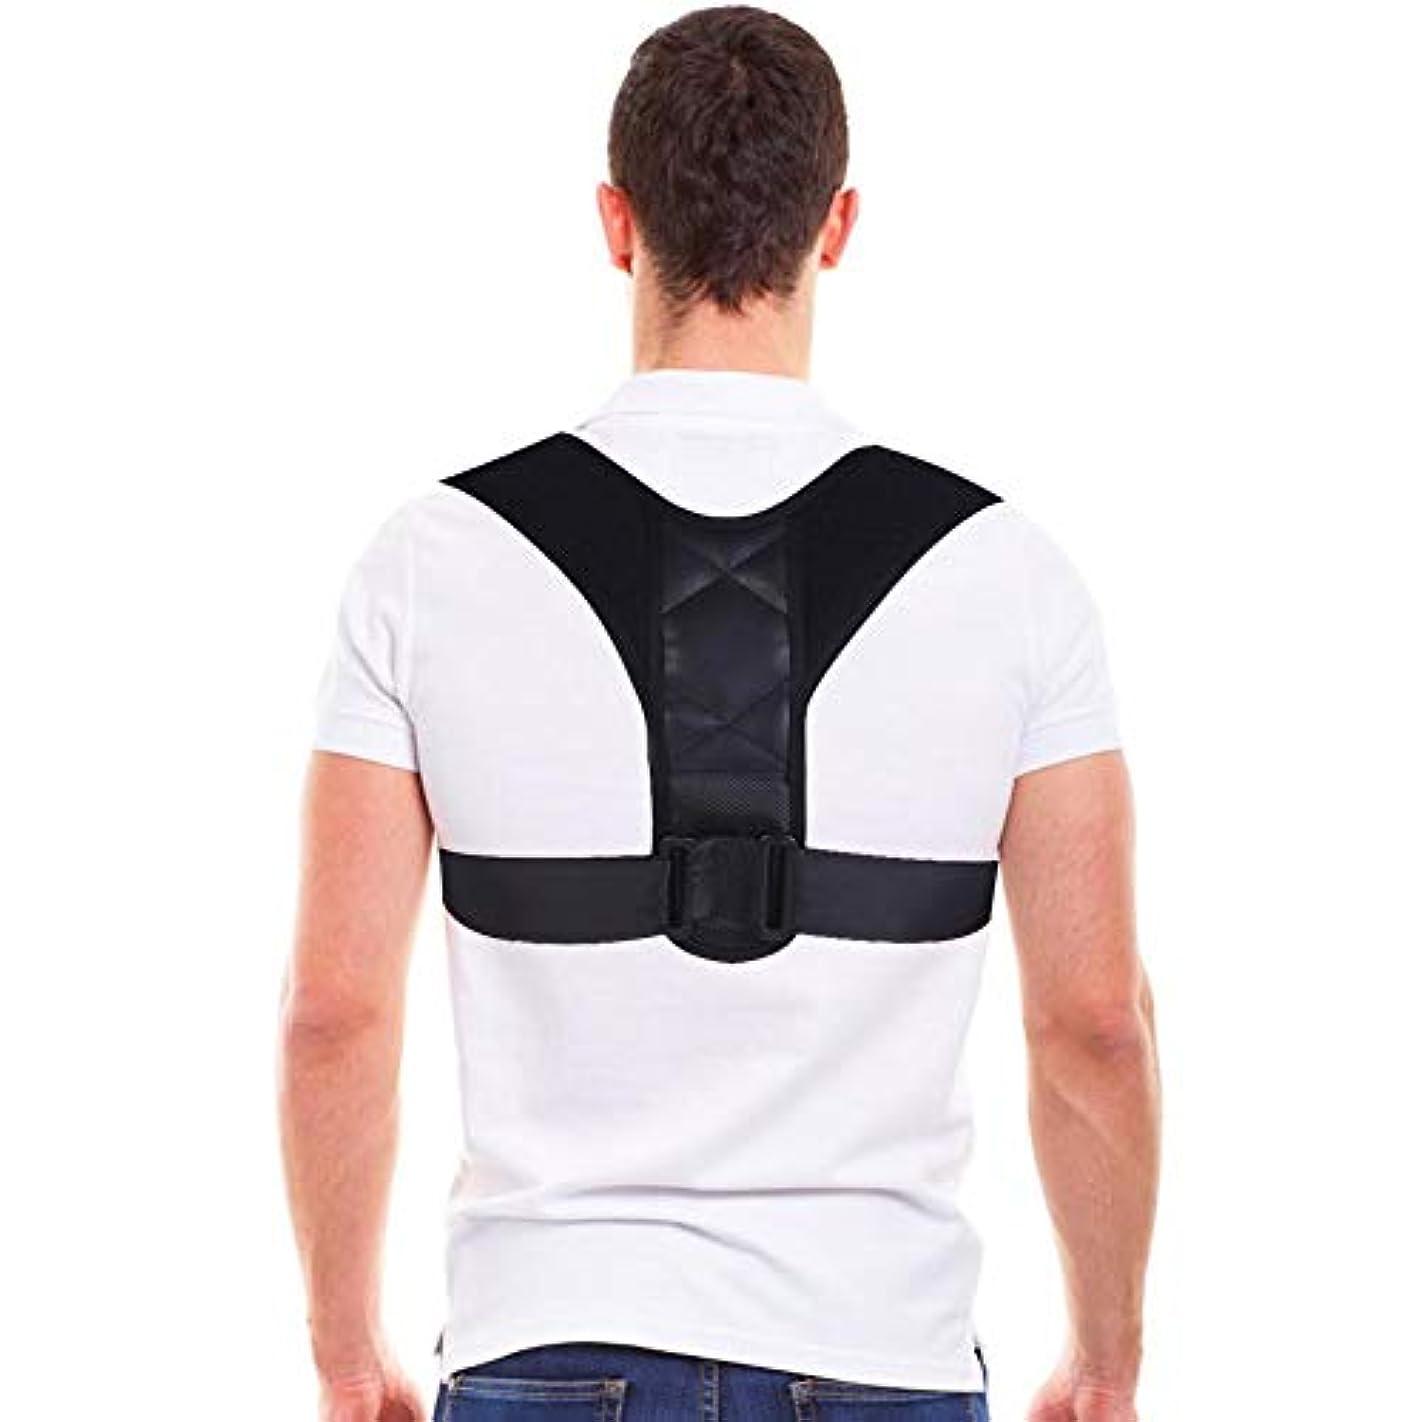 手がかり男らしい好戦的なコレクター姿勢バックサポートベルト、8字型デザインの調節可能な鎖骨装具バンド、男性と女性の姿勢、腰痛予防、腰痛予防